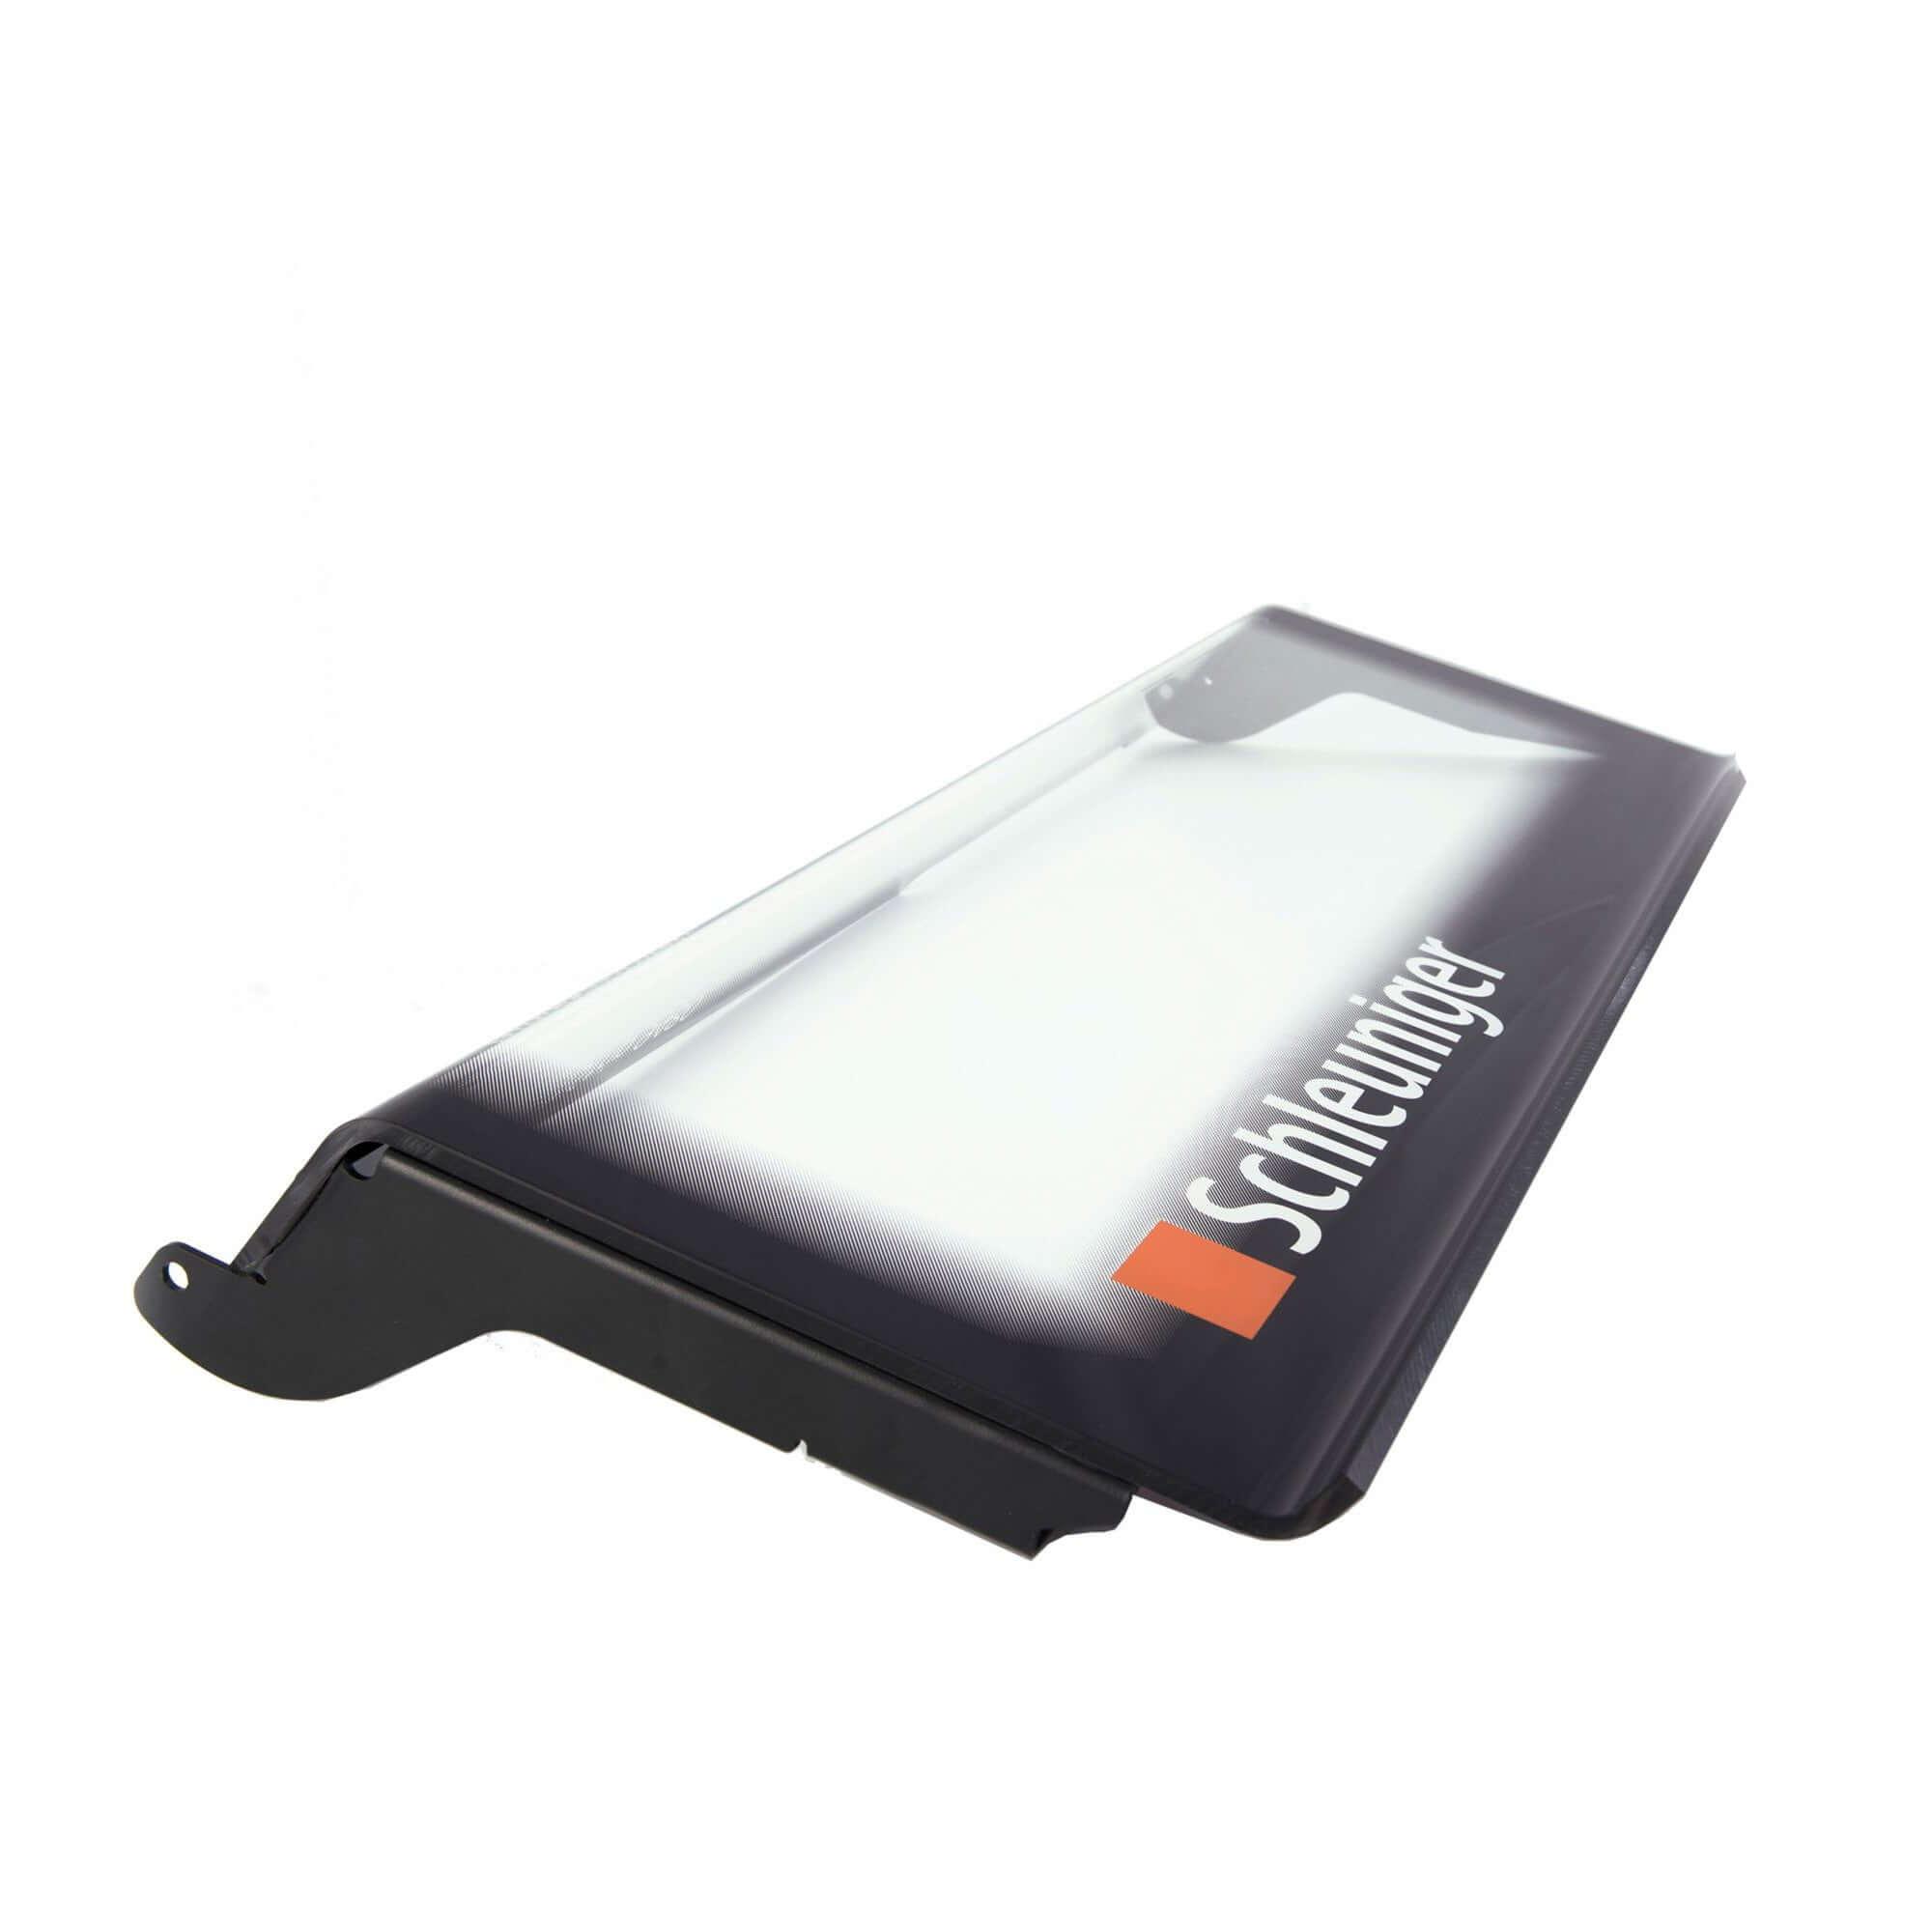 Acryline partielle Maschinenabdeckung aus Acrylglas, Siebdruck (Hintergrund-Raster und Logo) Abdeckung Industrie Schutz Deckel Acryl kunststoff